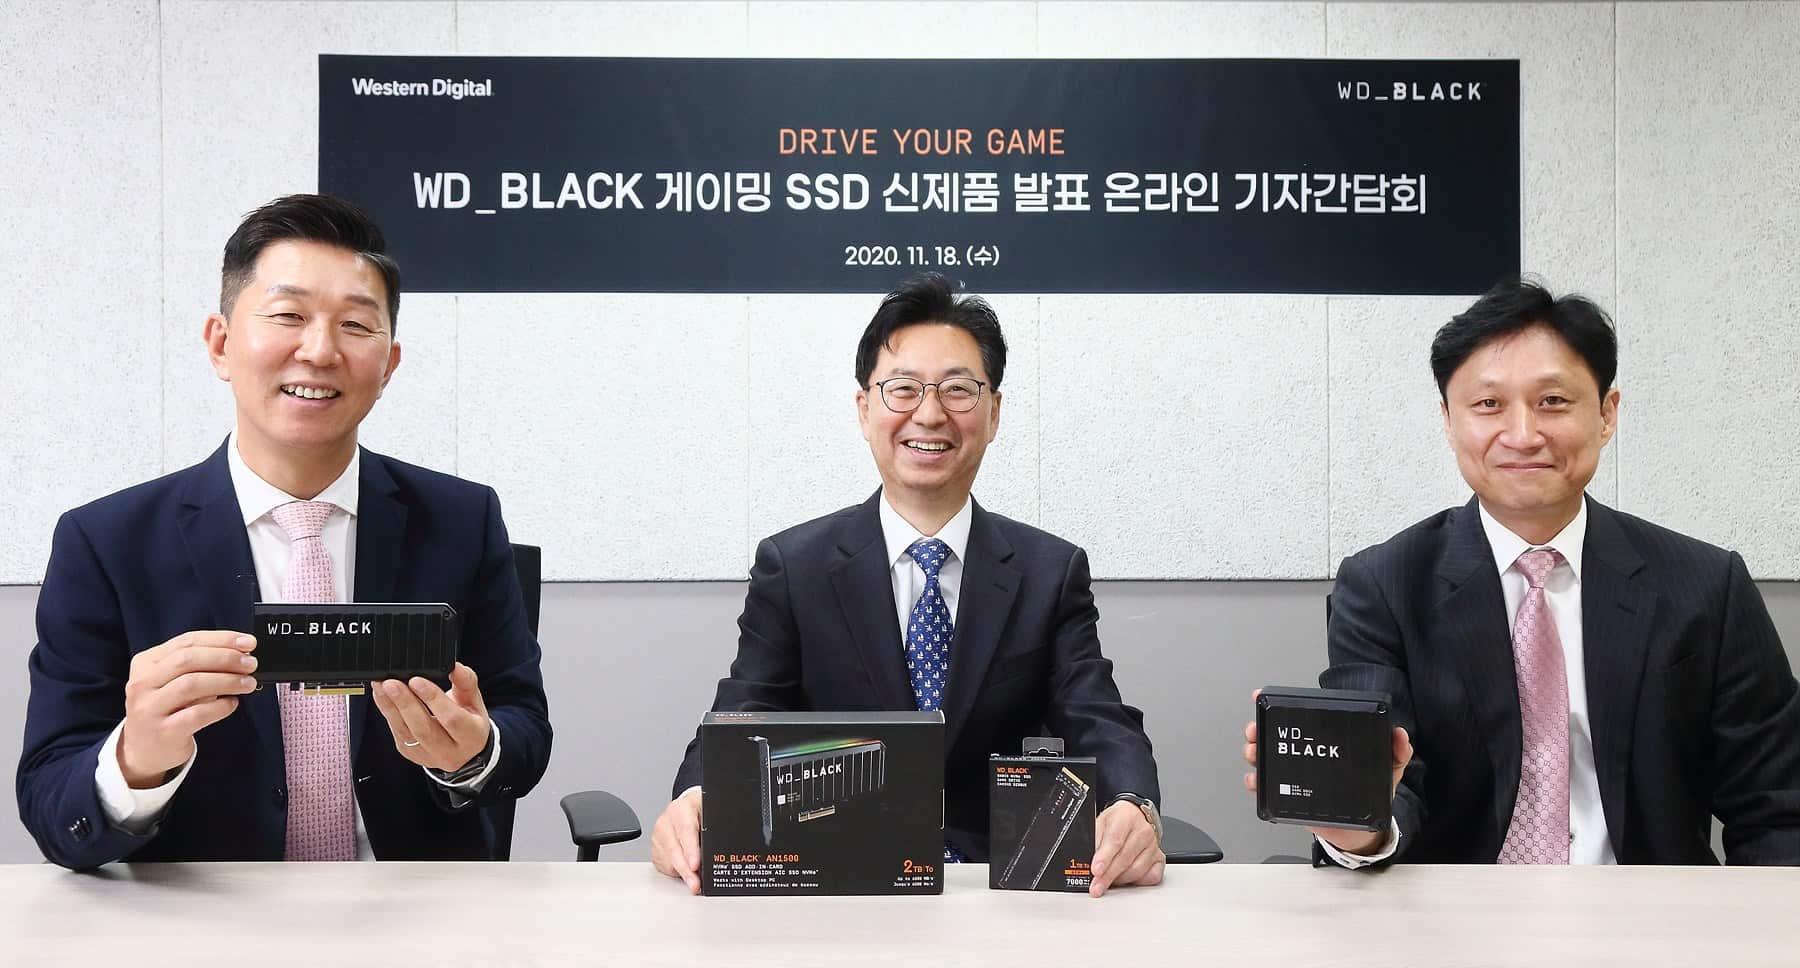 고성능 게이밍에 최적화...웨스턴디지털 'WD블랙' SSD 솔루션 3종 공개